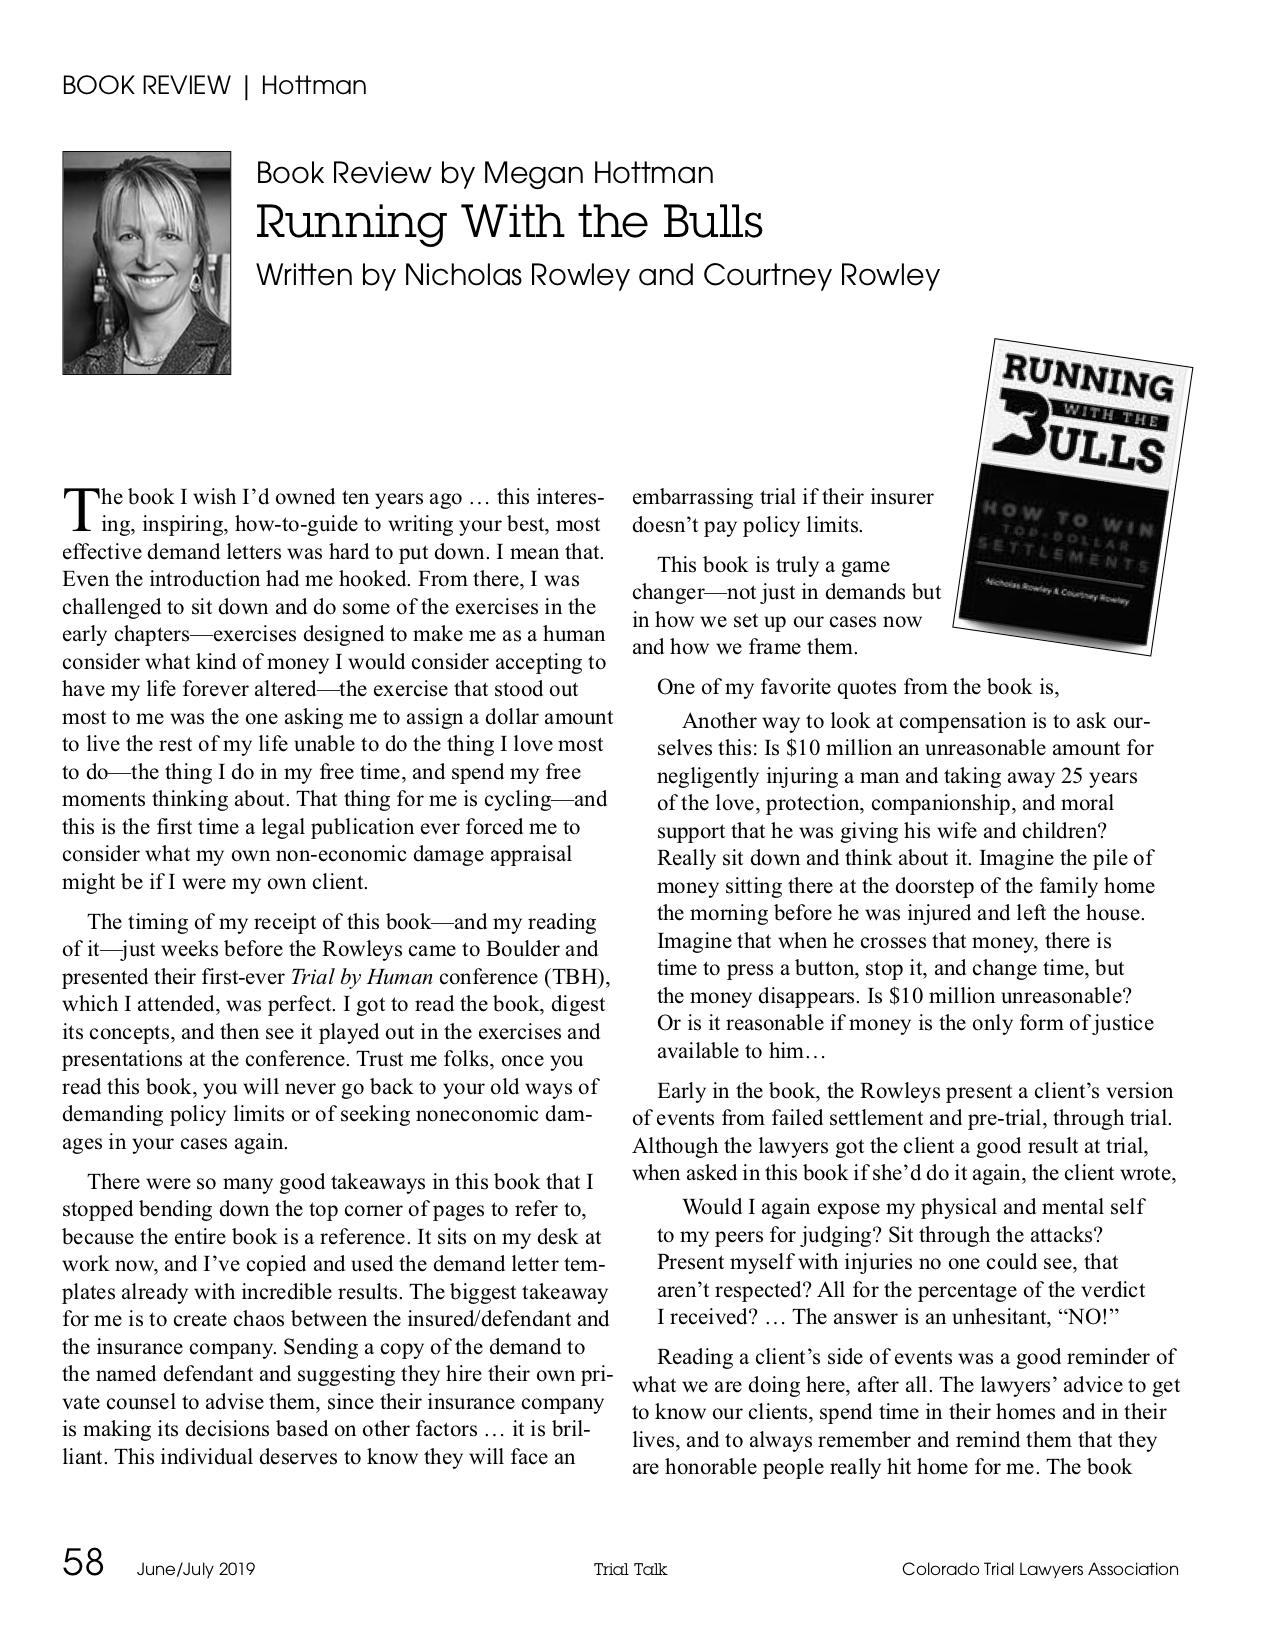 Hottman Book Review.jpg